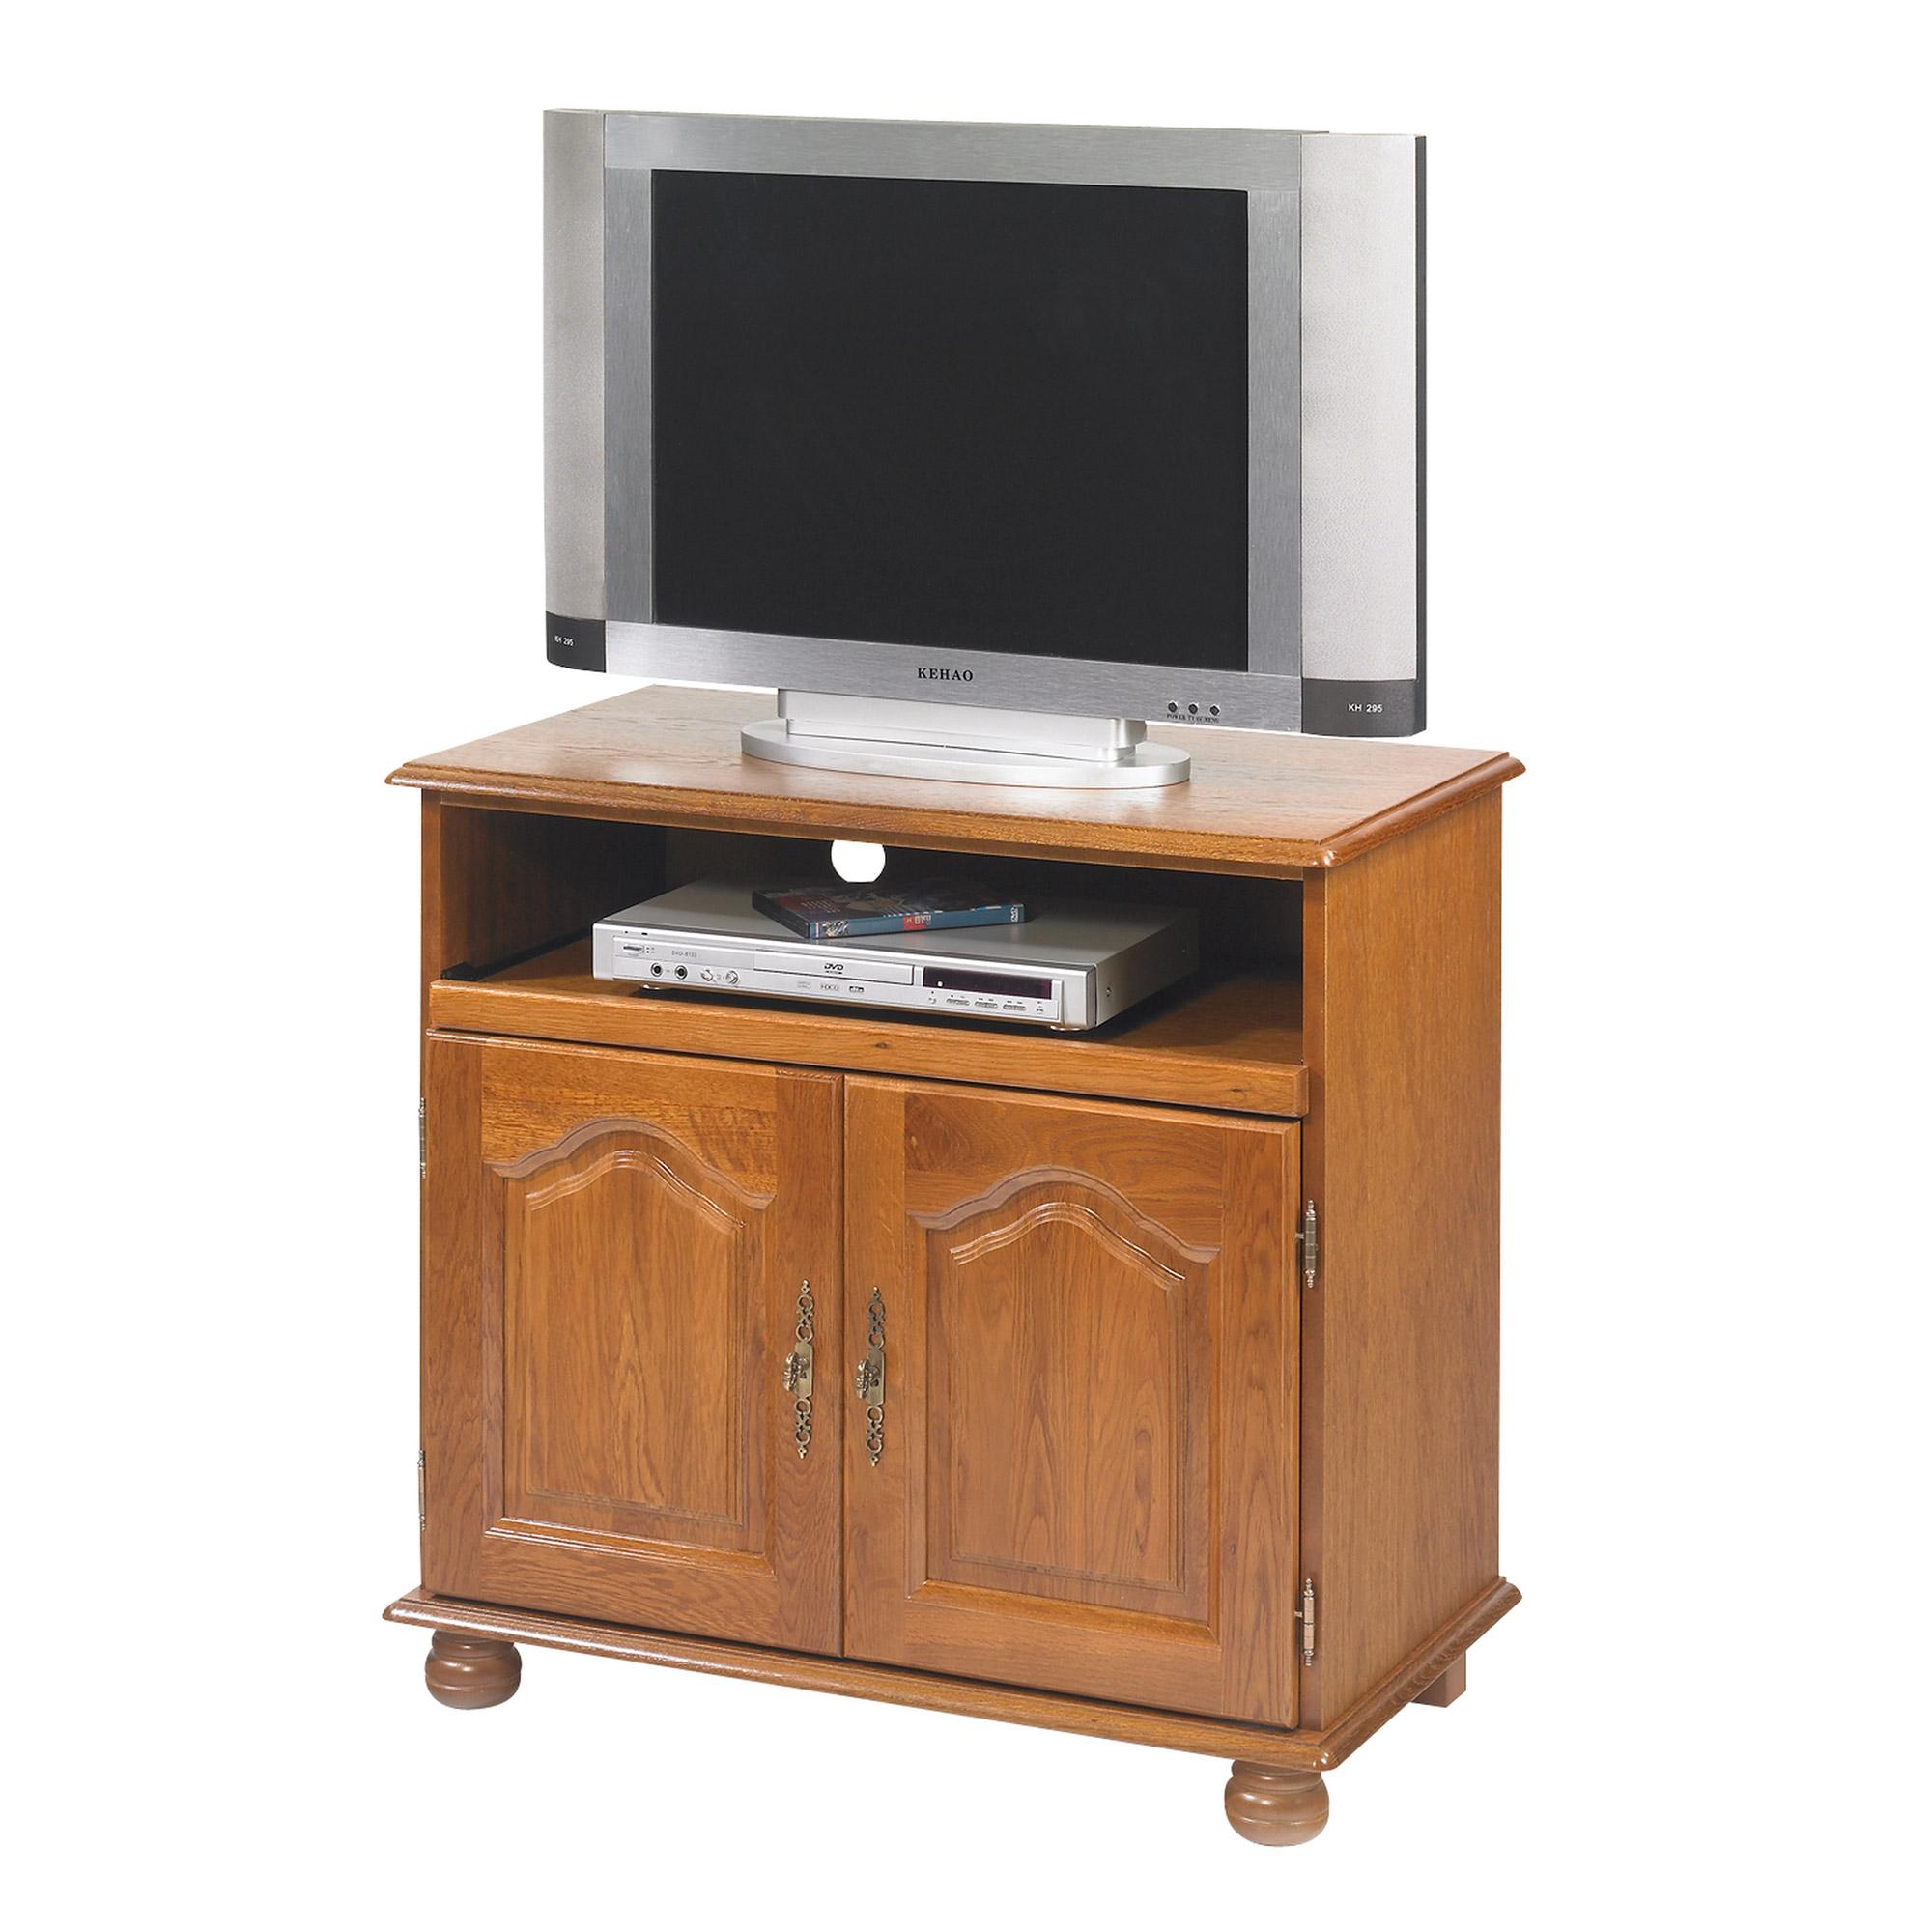 plateau pivotant guide des produits. Black Bedroom Furniture Sets. Home Design Ideas